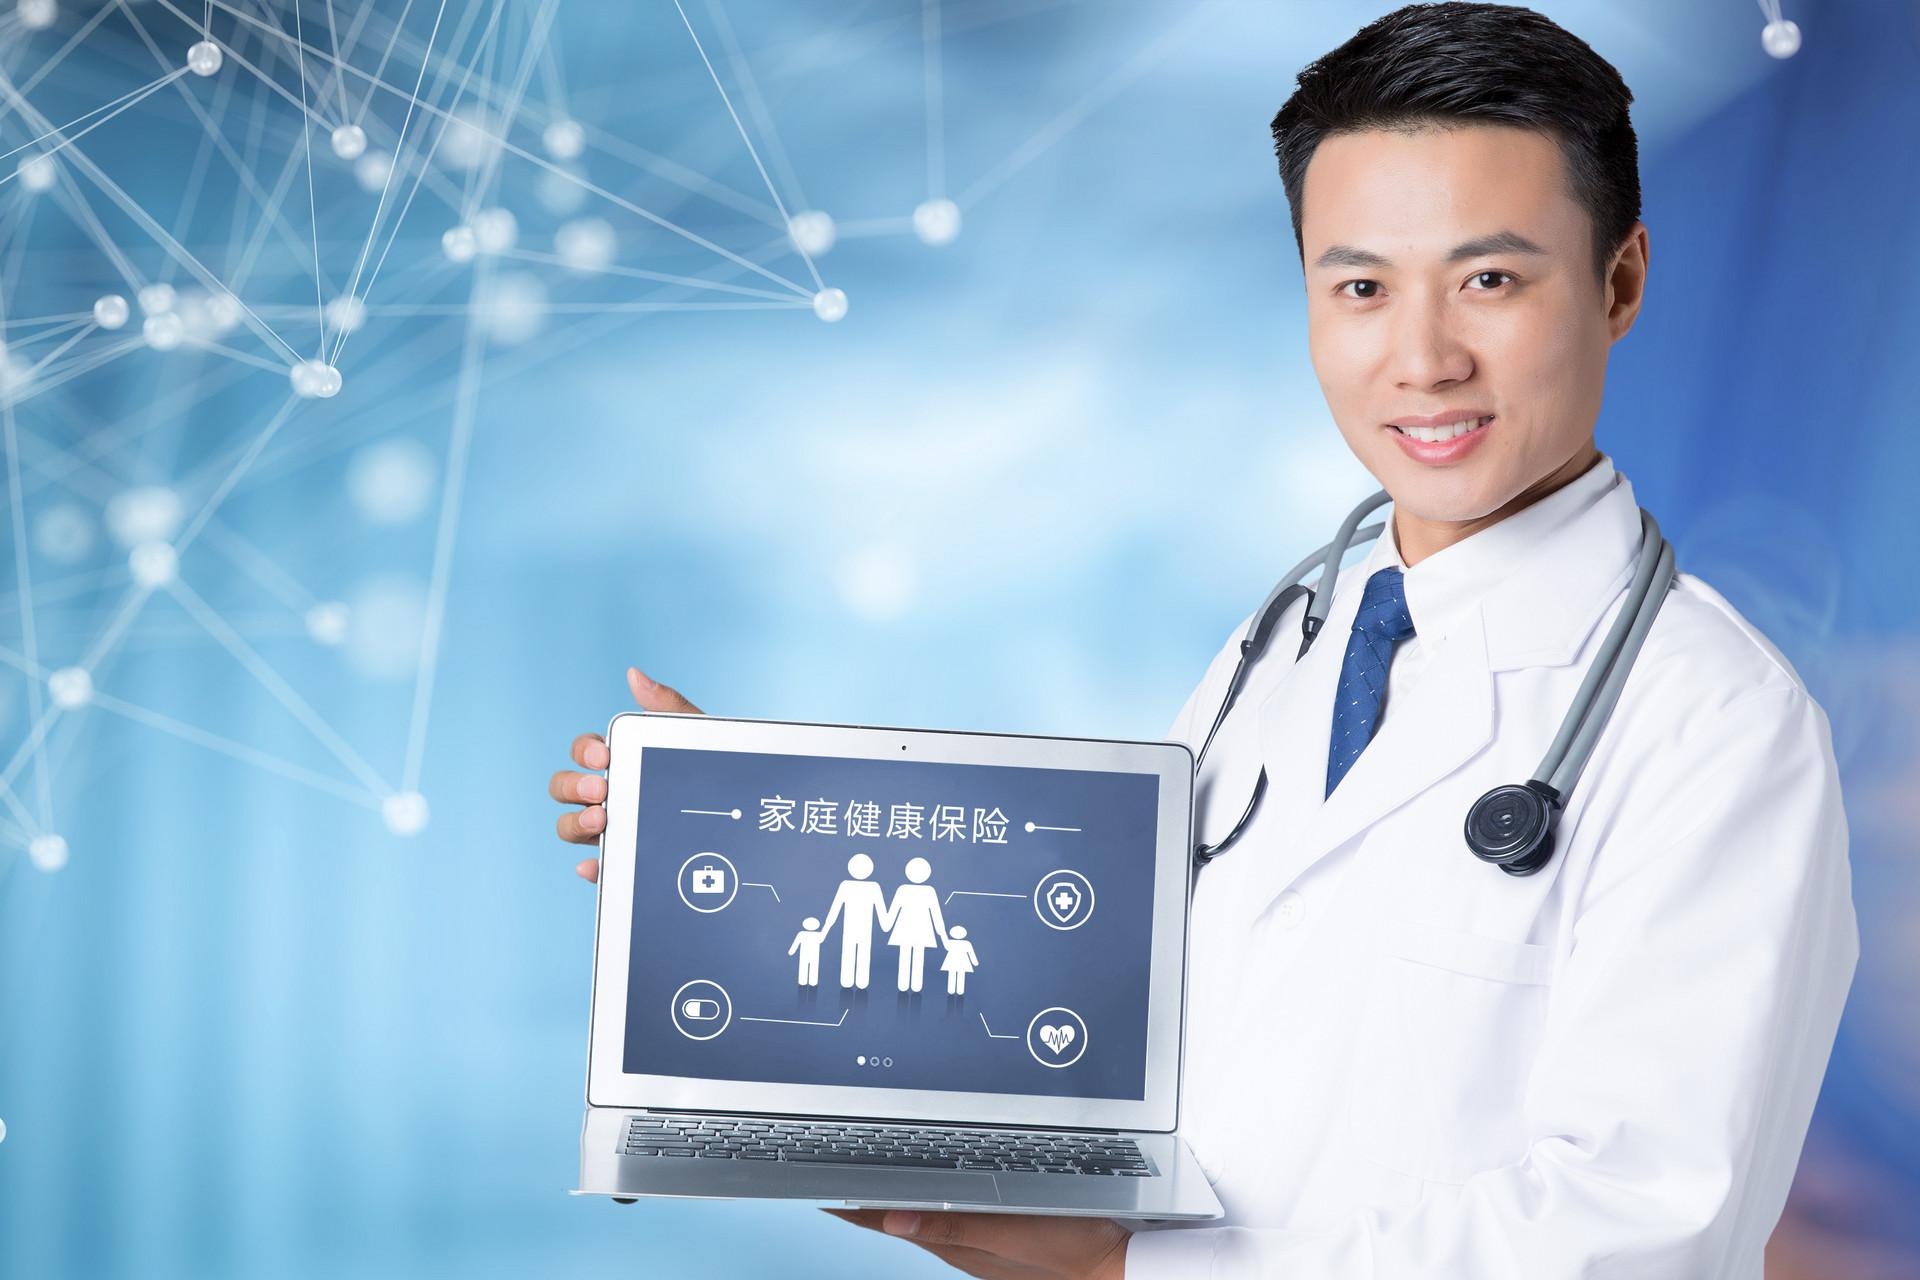 重疾健康保险含啥大病?轻症、豁免是什么意思